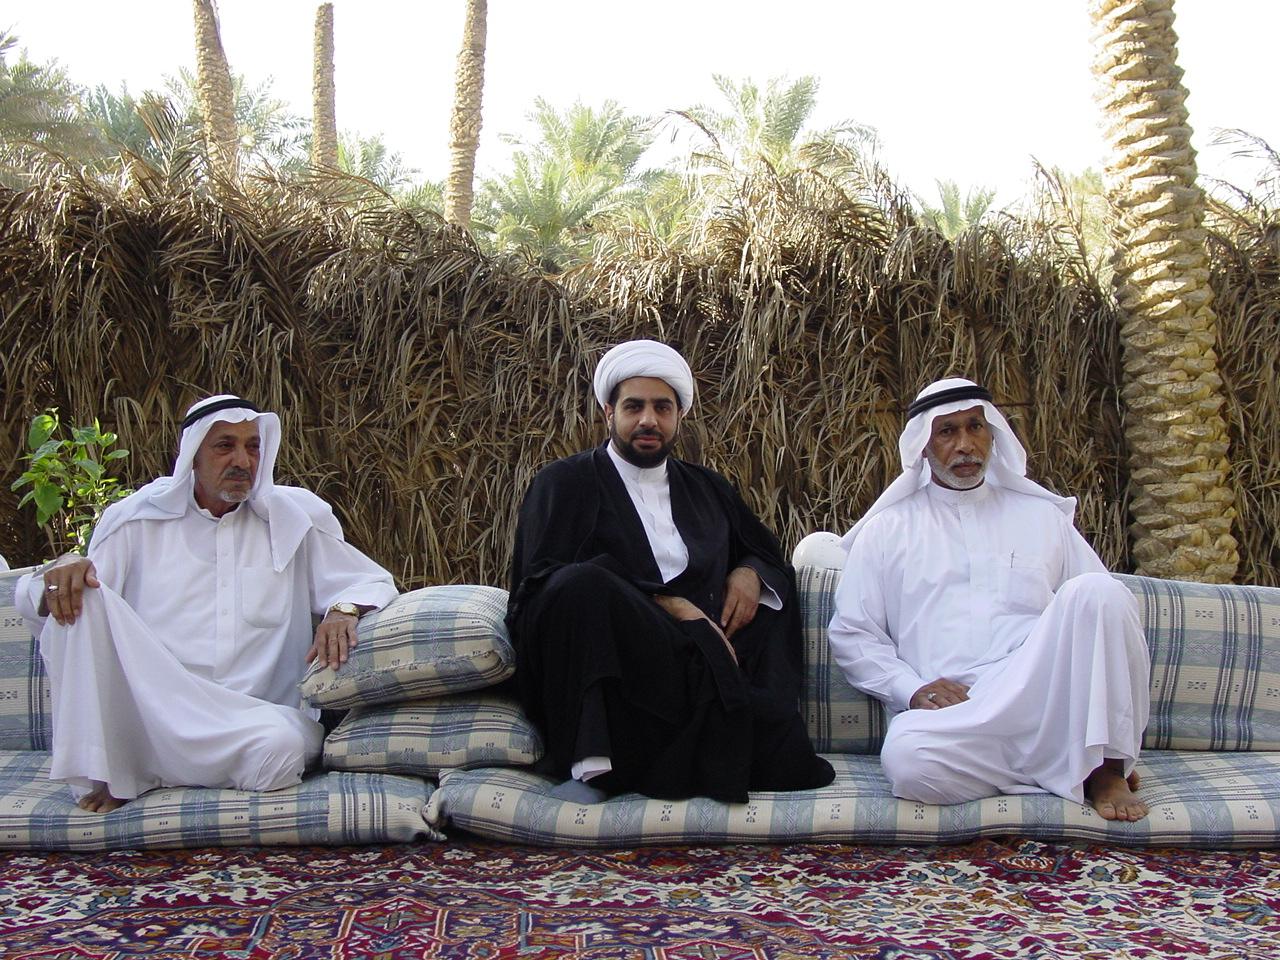 مزرعة أبو حسن العباد - الأحساء المنصورة